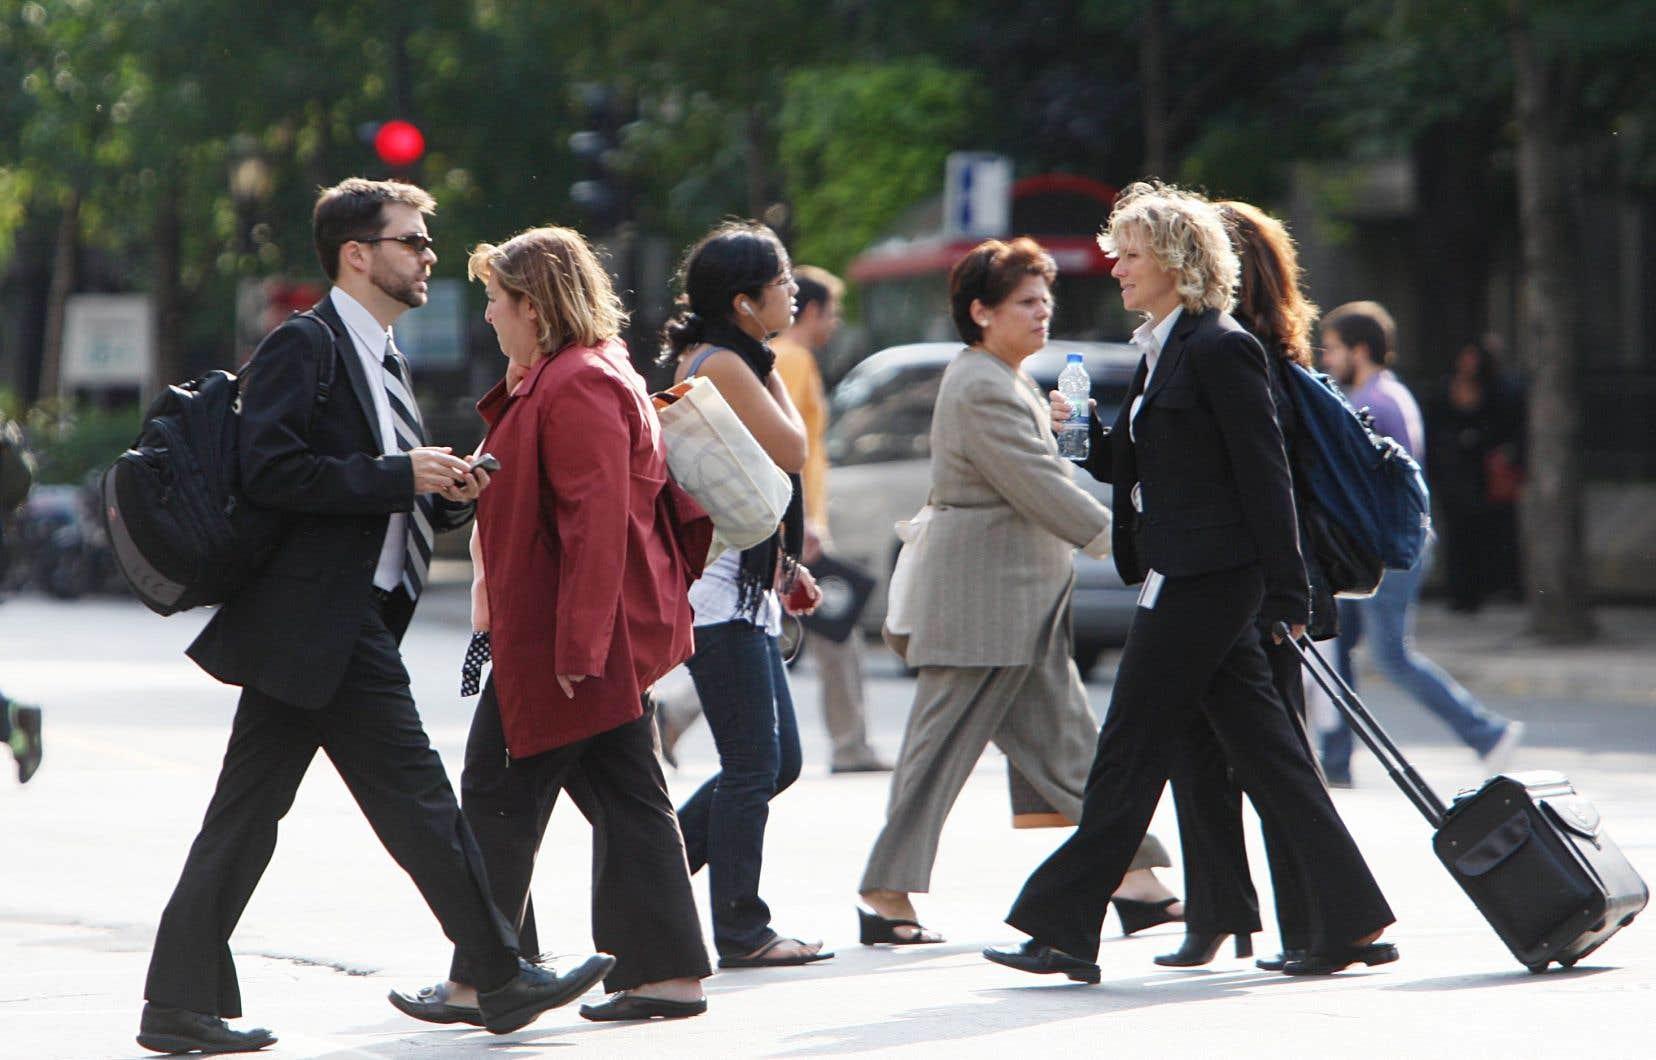 La proportion des femmes âgées de 24 à 54ans sur le marché du travail a explosé, de seulement 22% en 1950 à 82% en 2015.